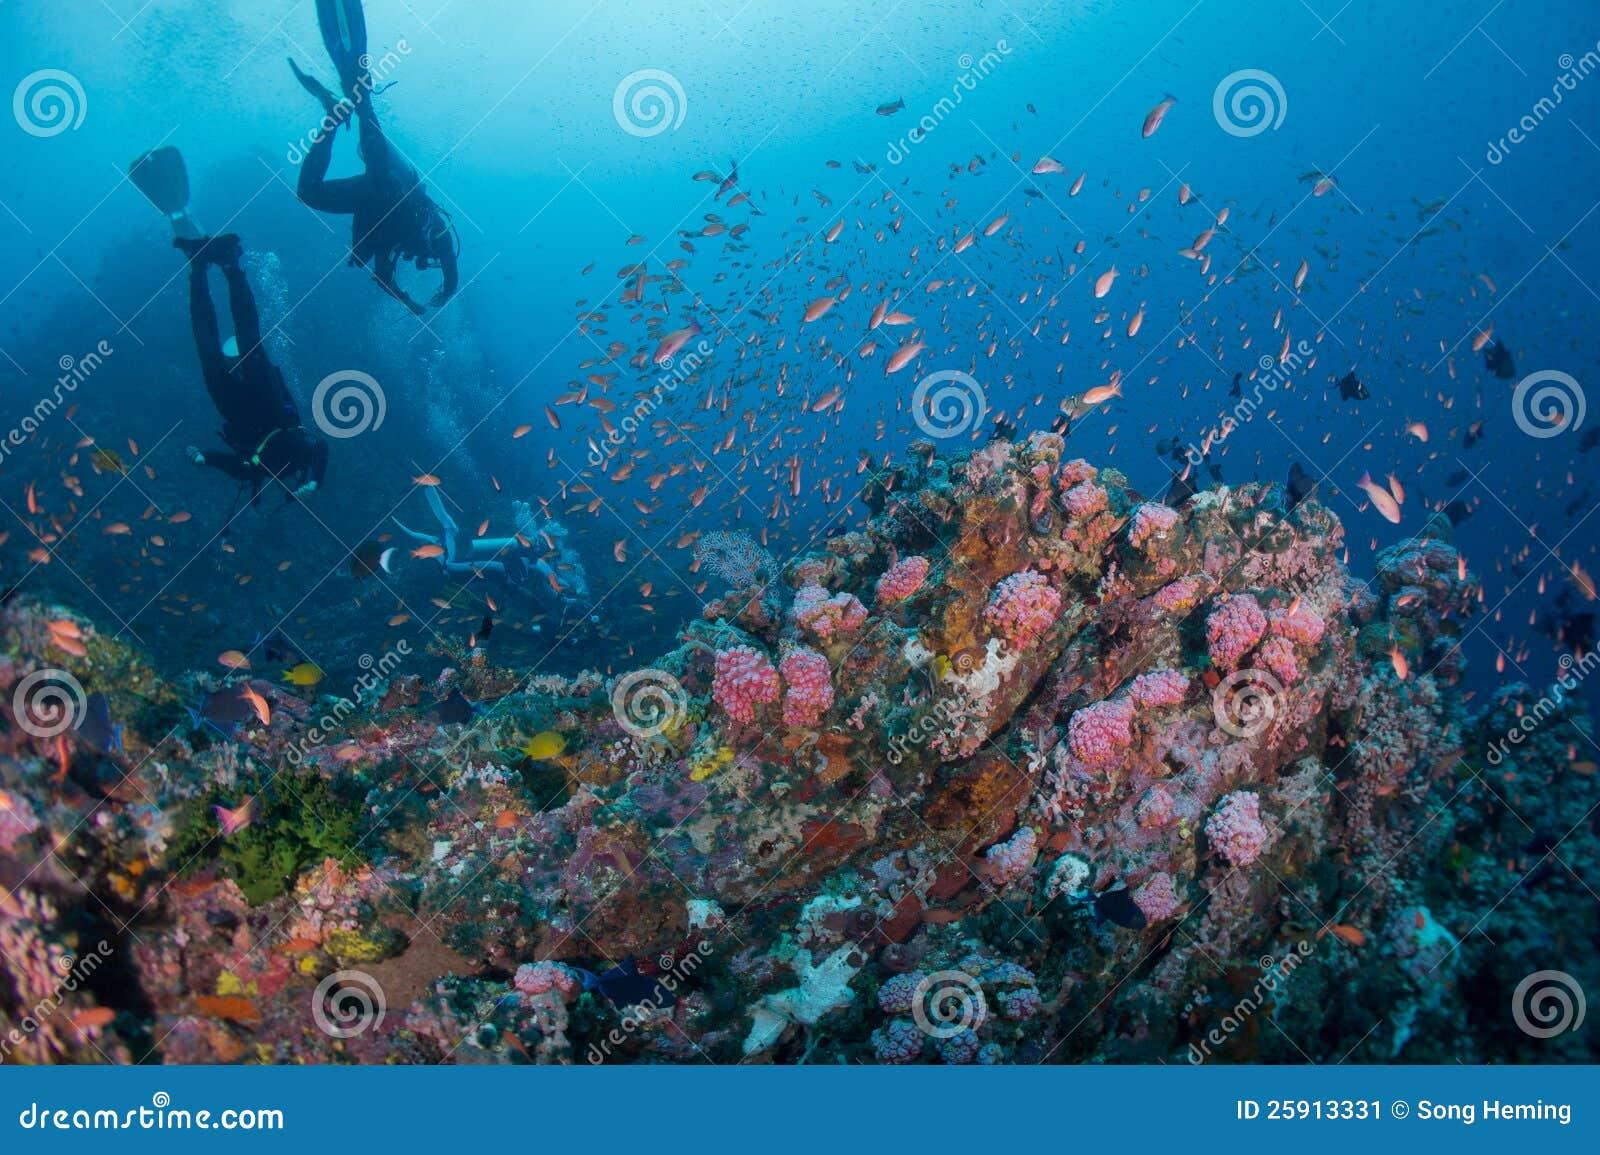 佩戴水肺的潜水